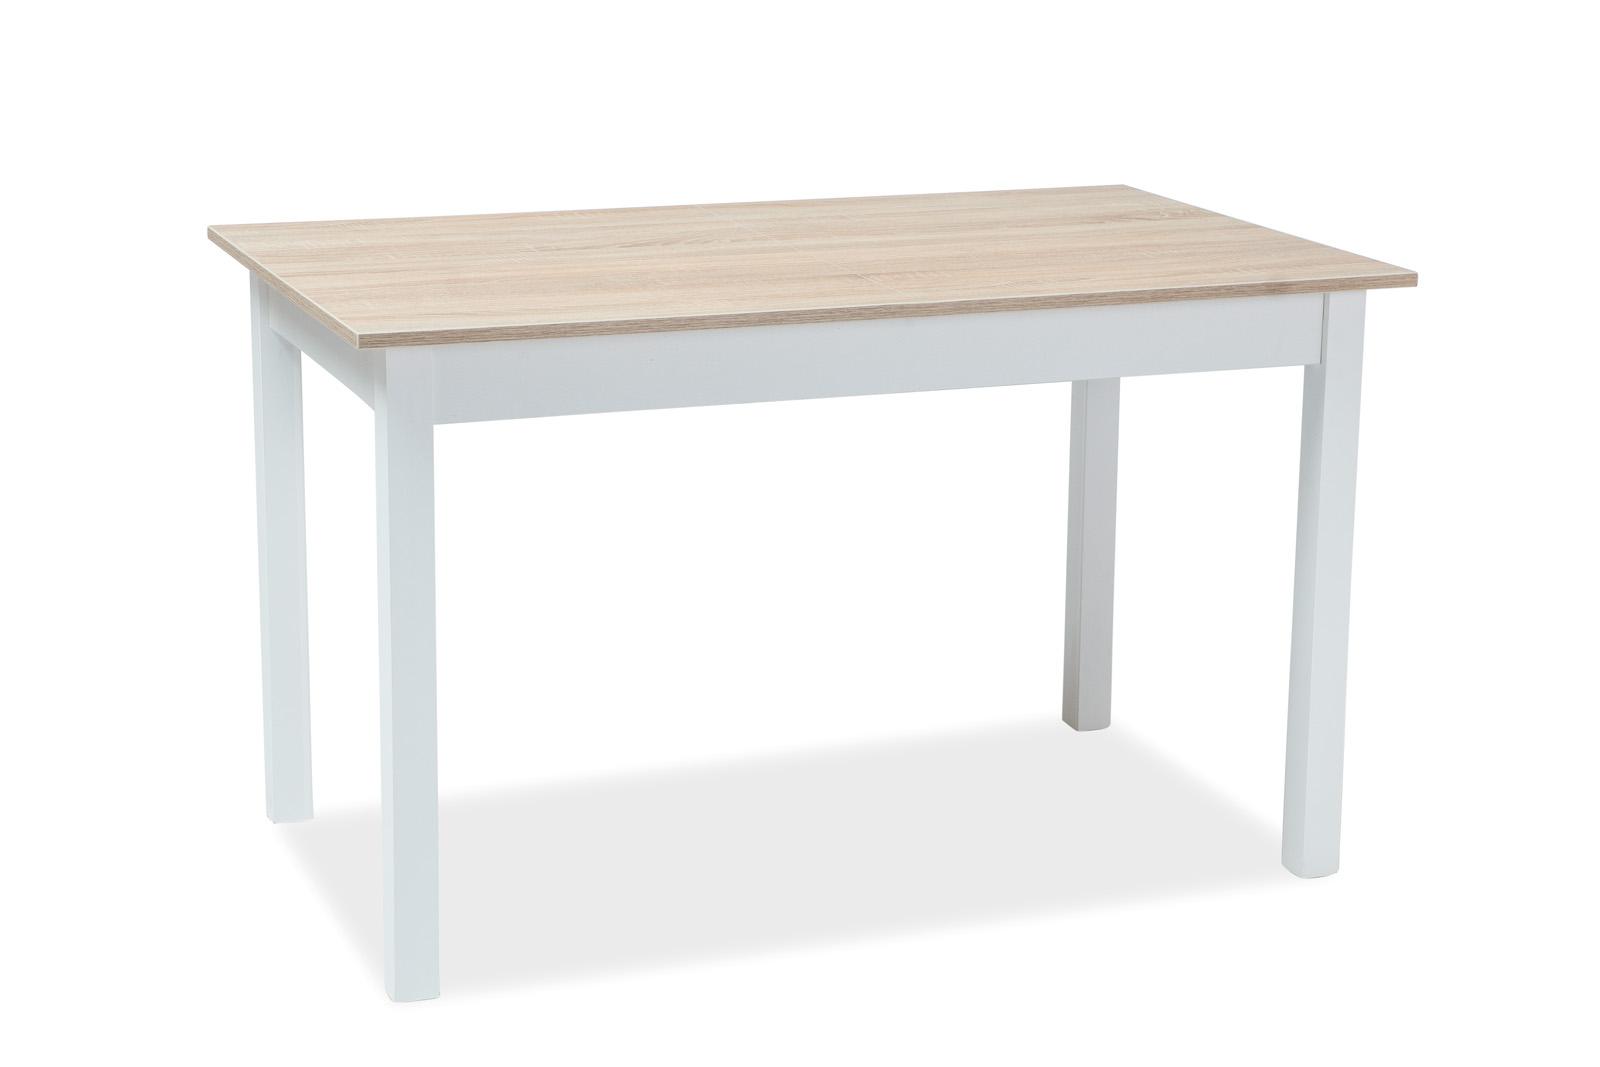 Signal Jedálenský stôl Horacy biela/dub sonoma Prevedenie: 100 (140) x 60 cm